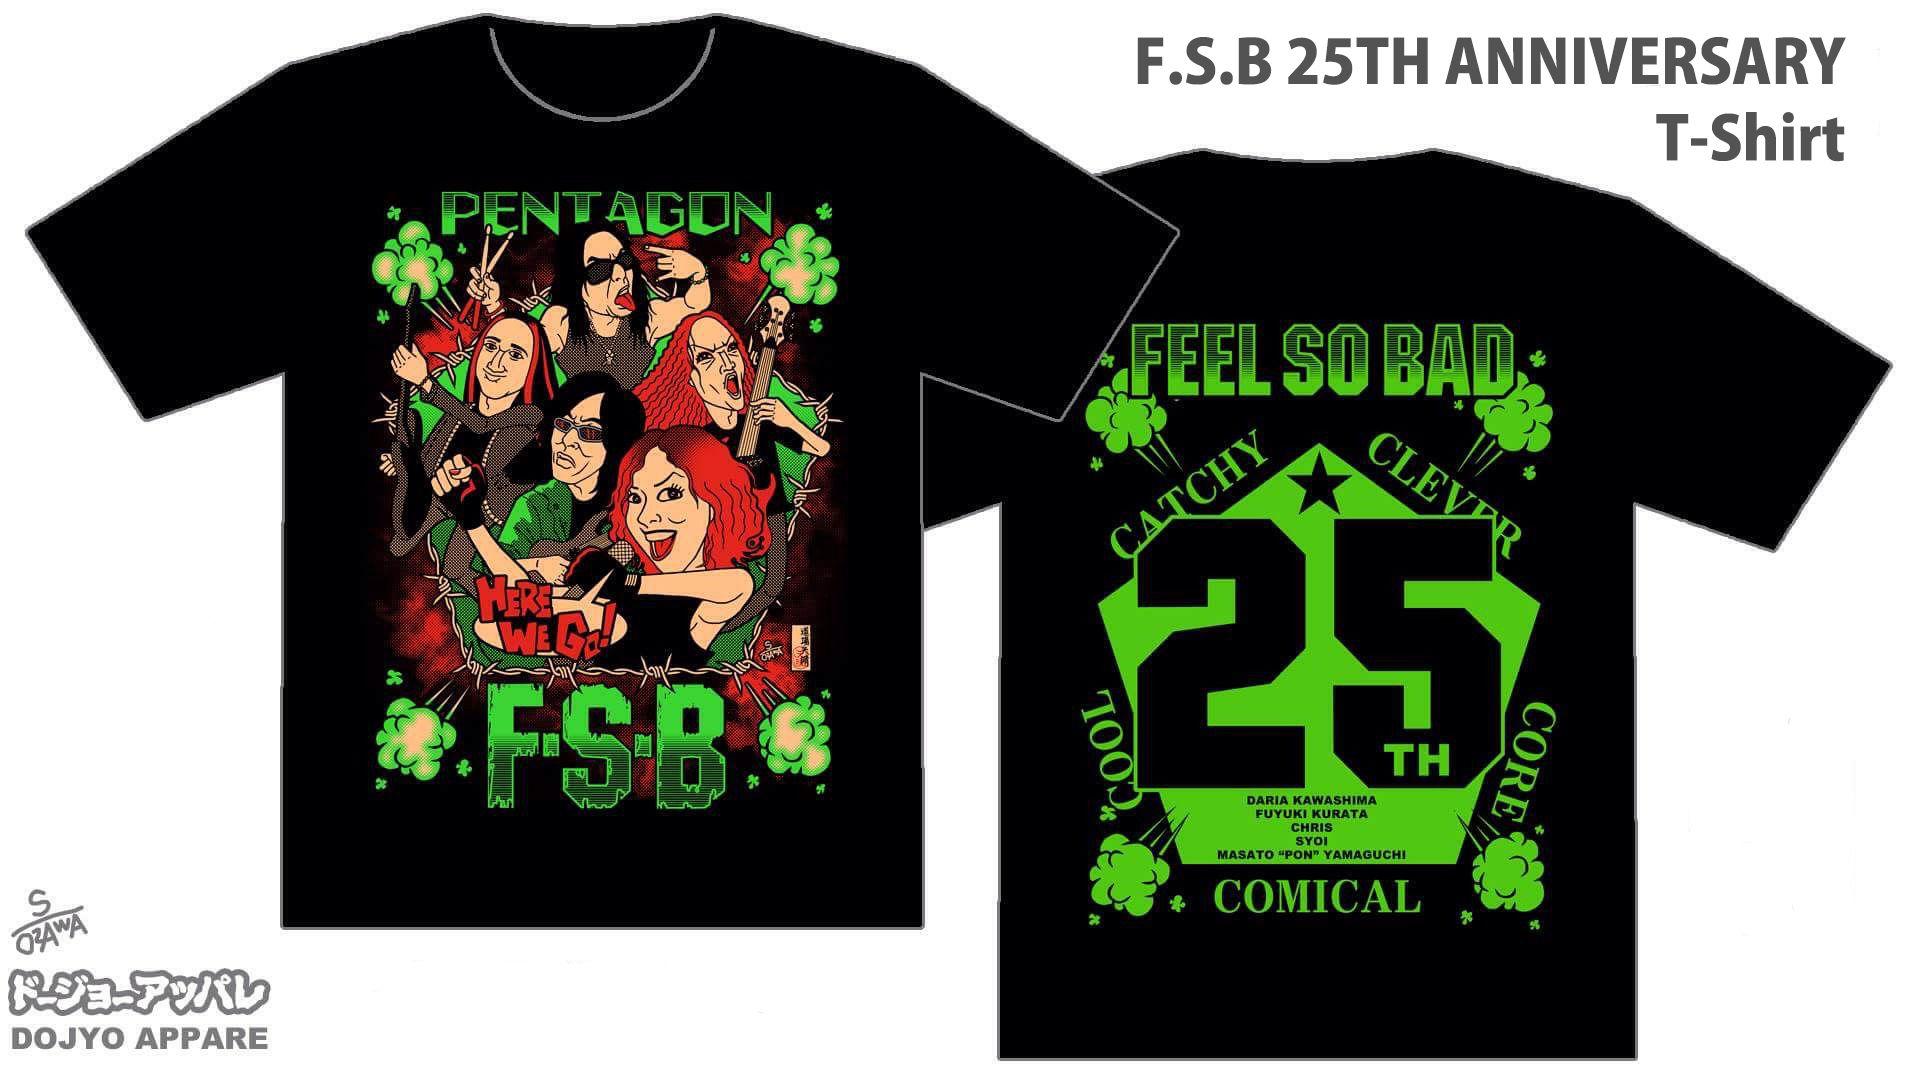 FEEL SO BAD結成25周年記念Tシャツ